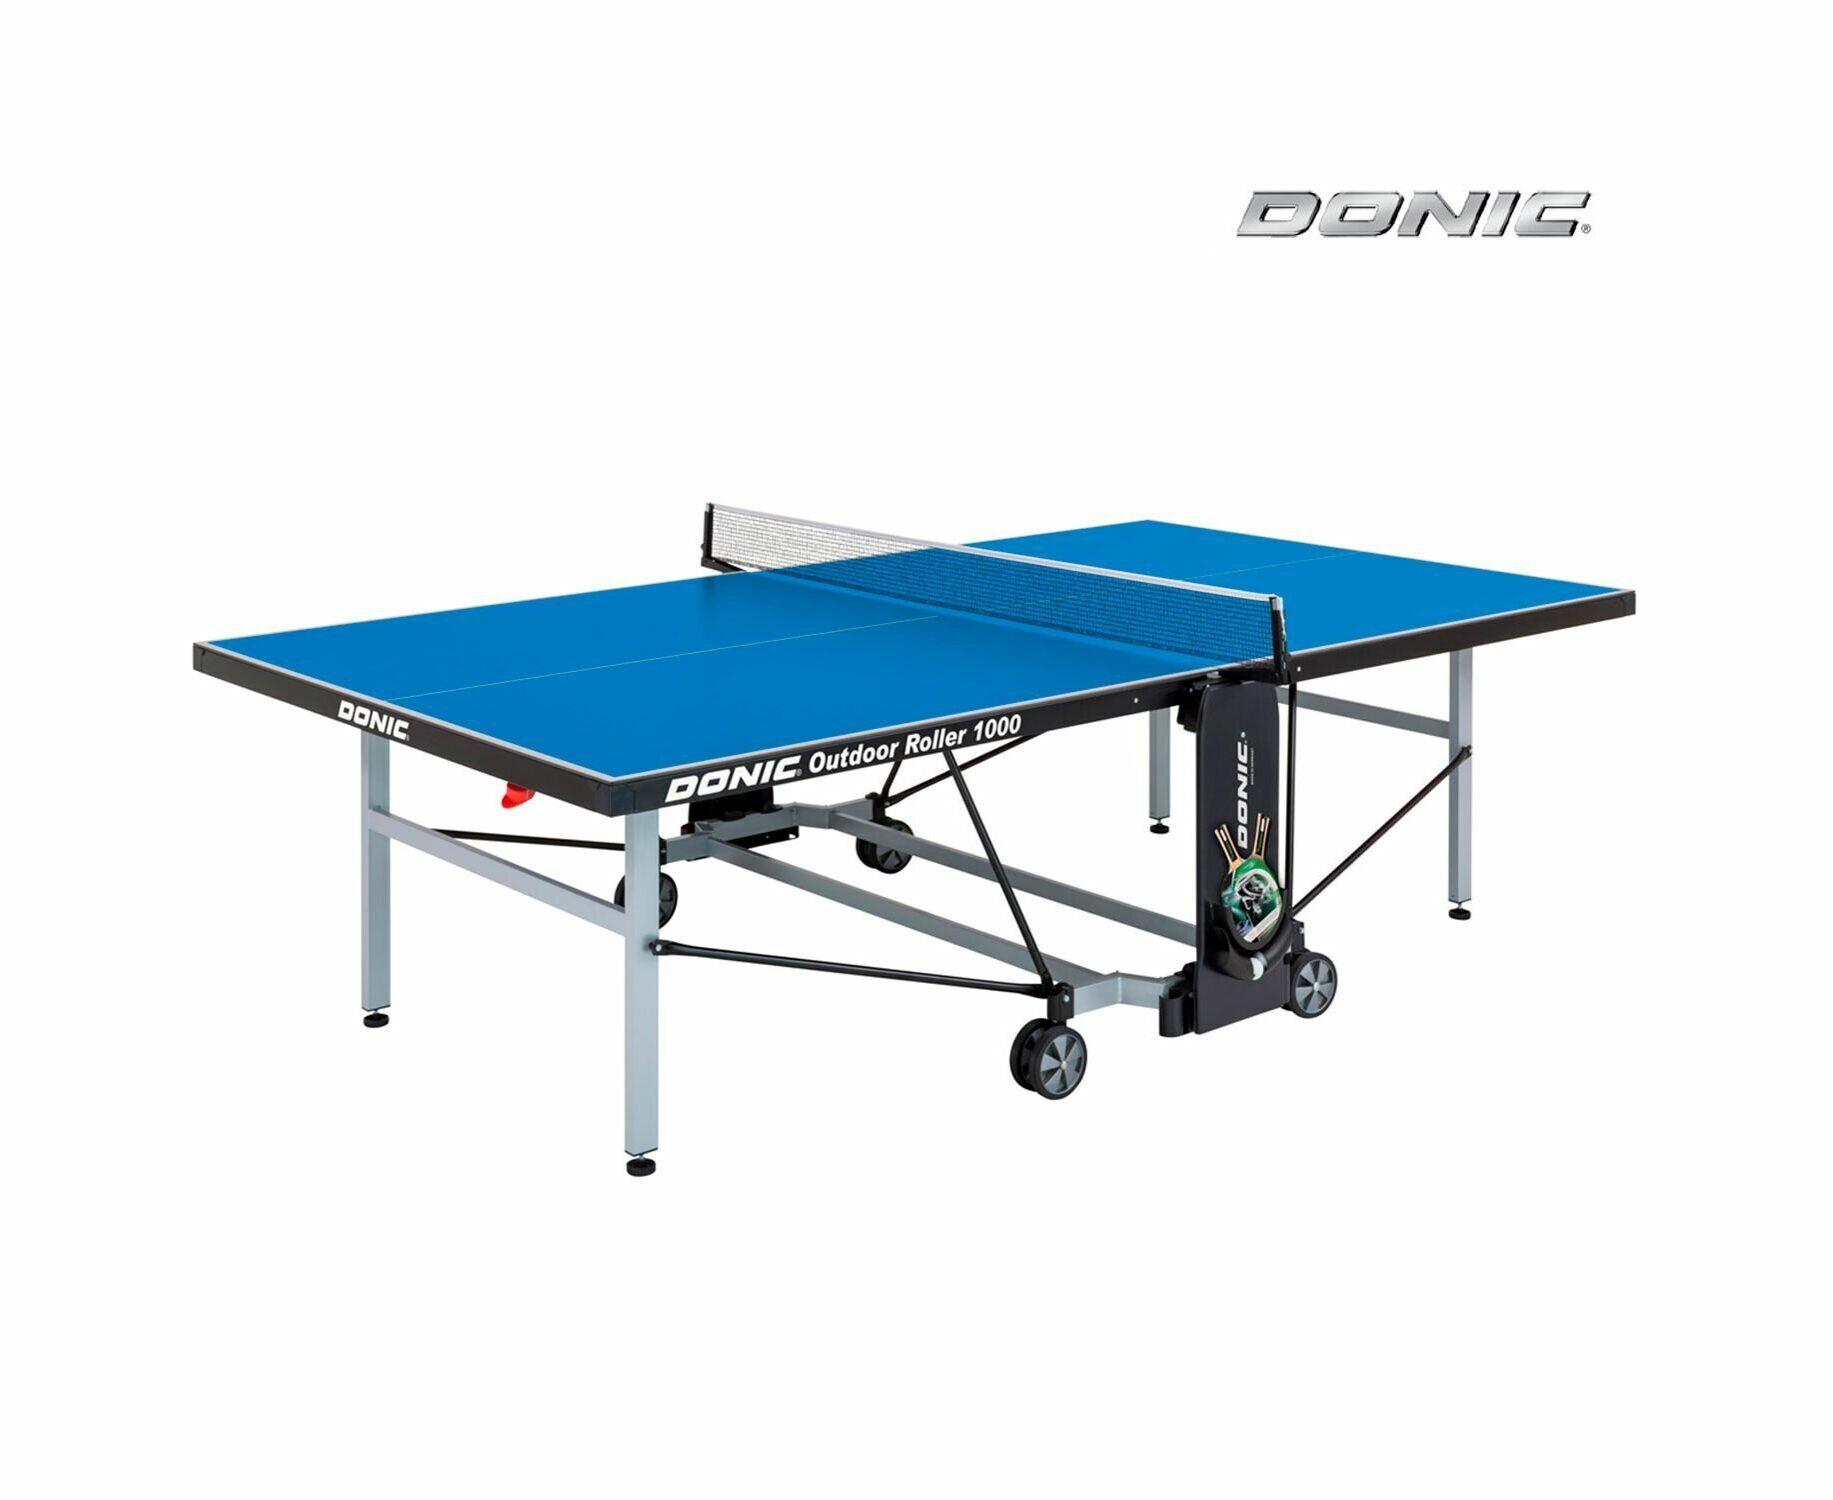 Всепогодный Теннисный стол Donic Outdoor Roller 1000 230291-B